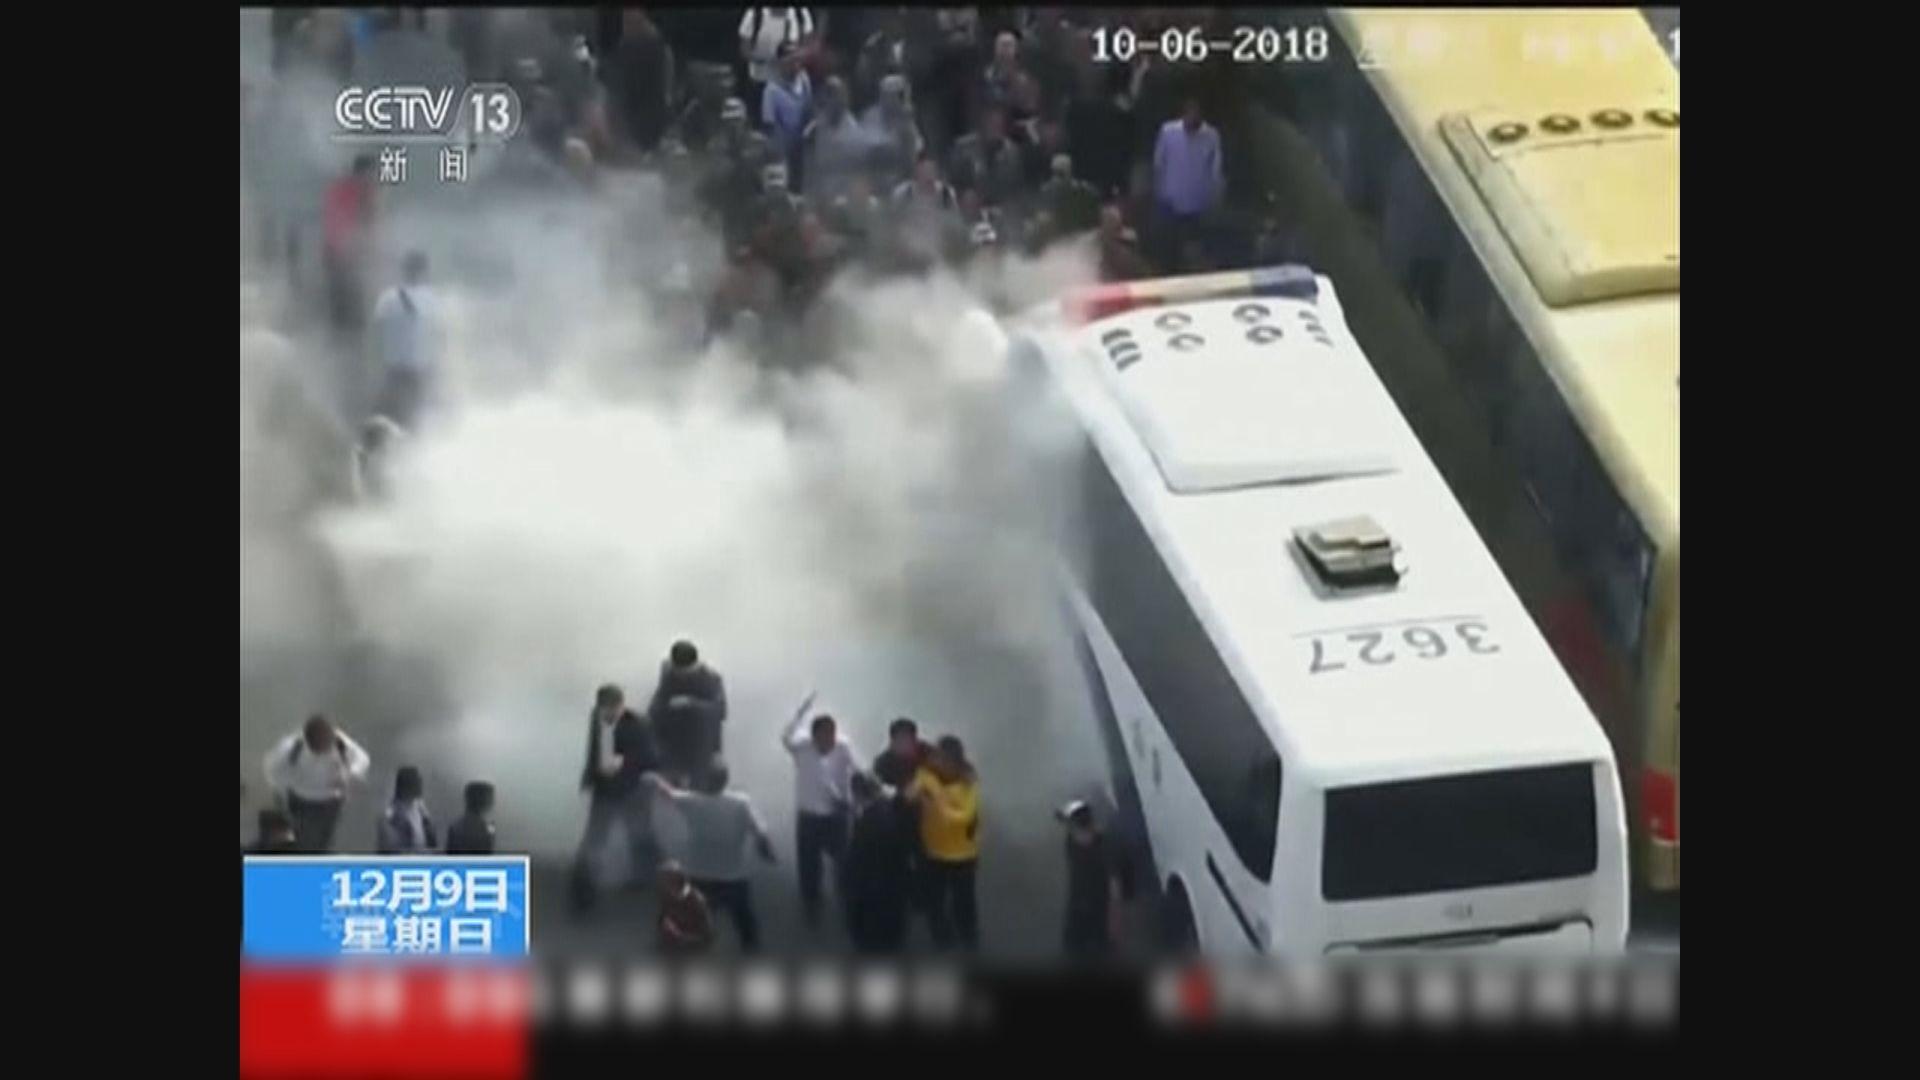 山東平度市騷亂公安拘十名疑犯